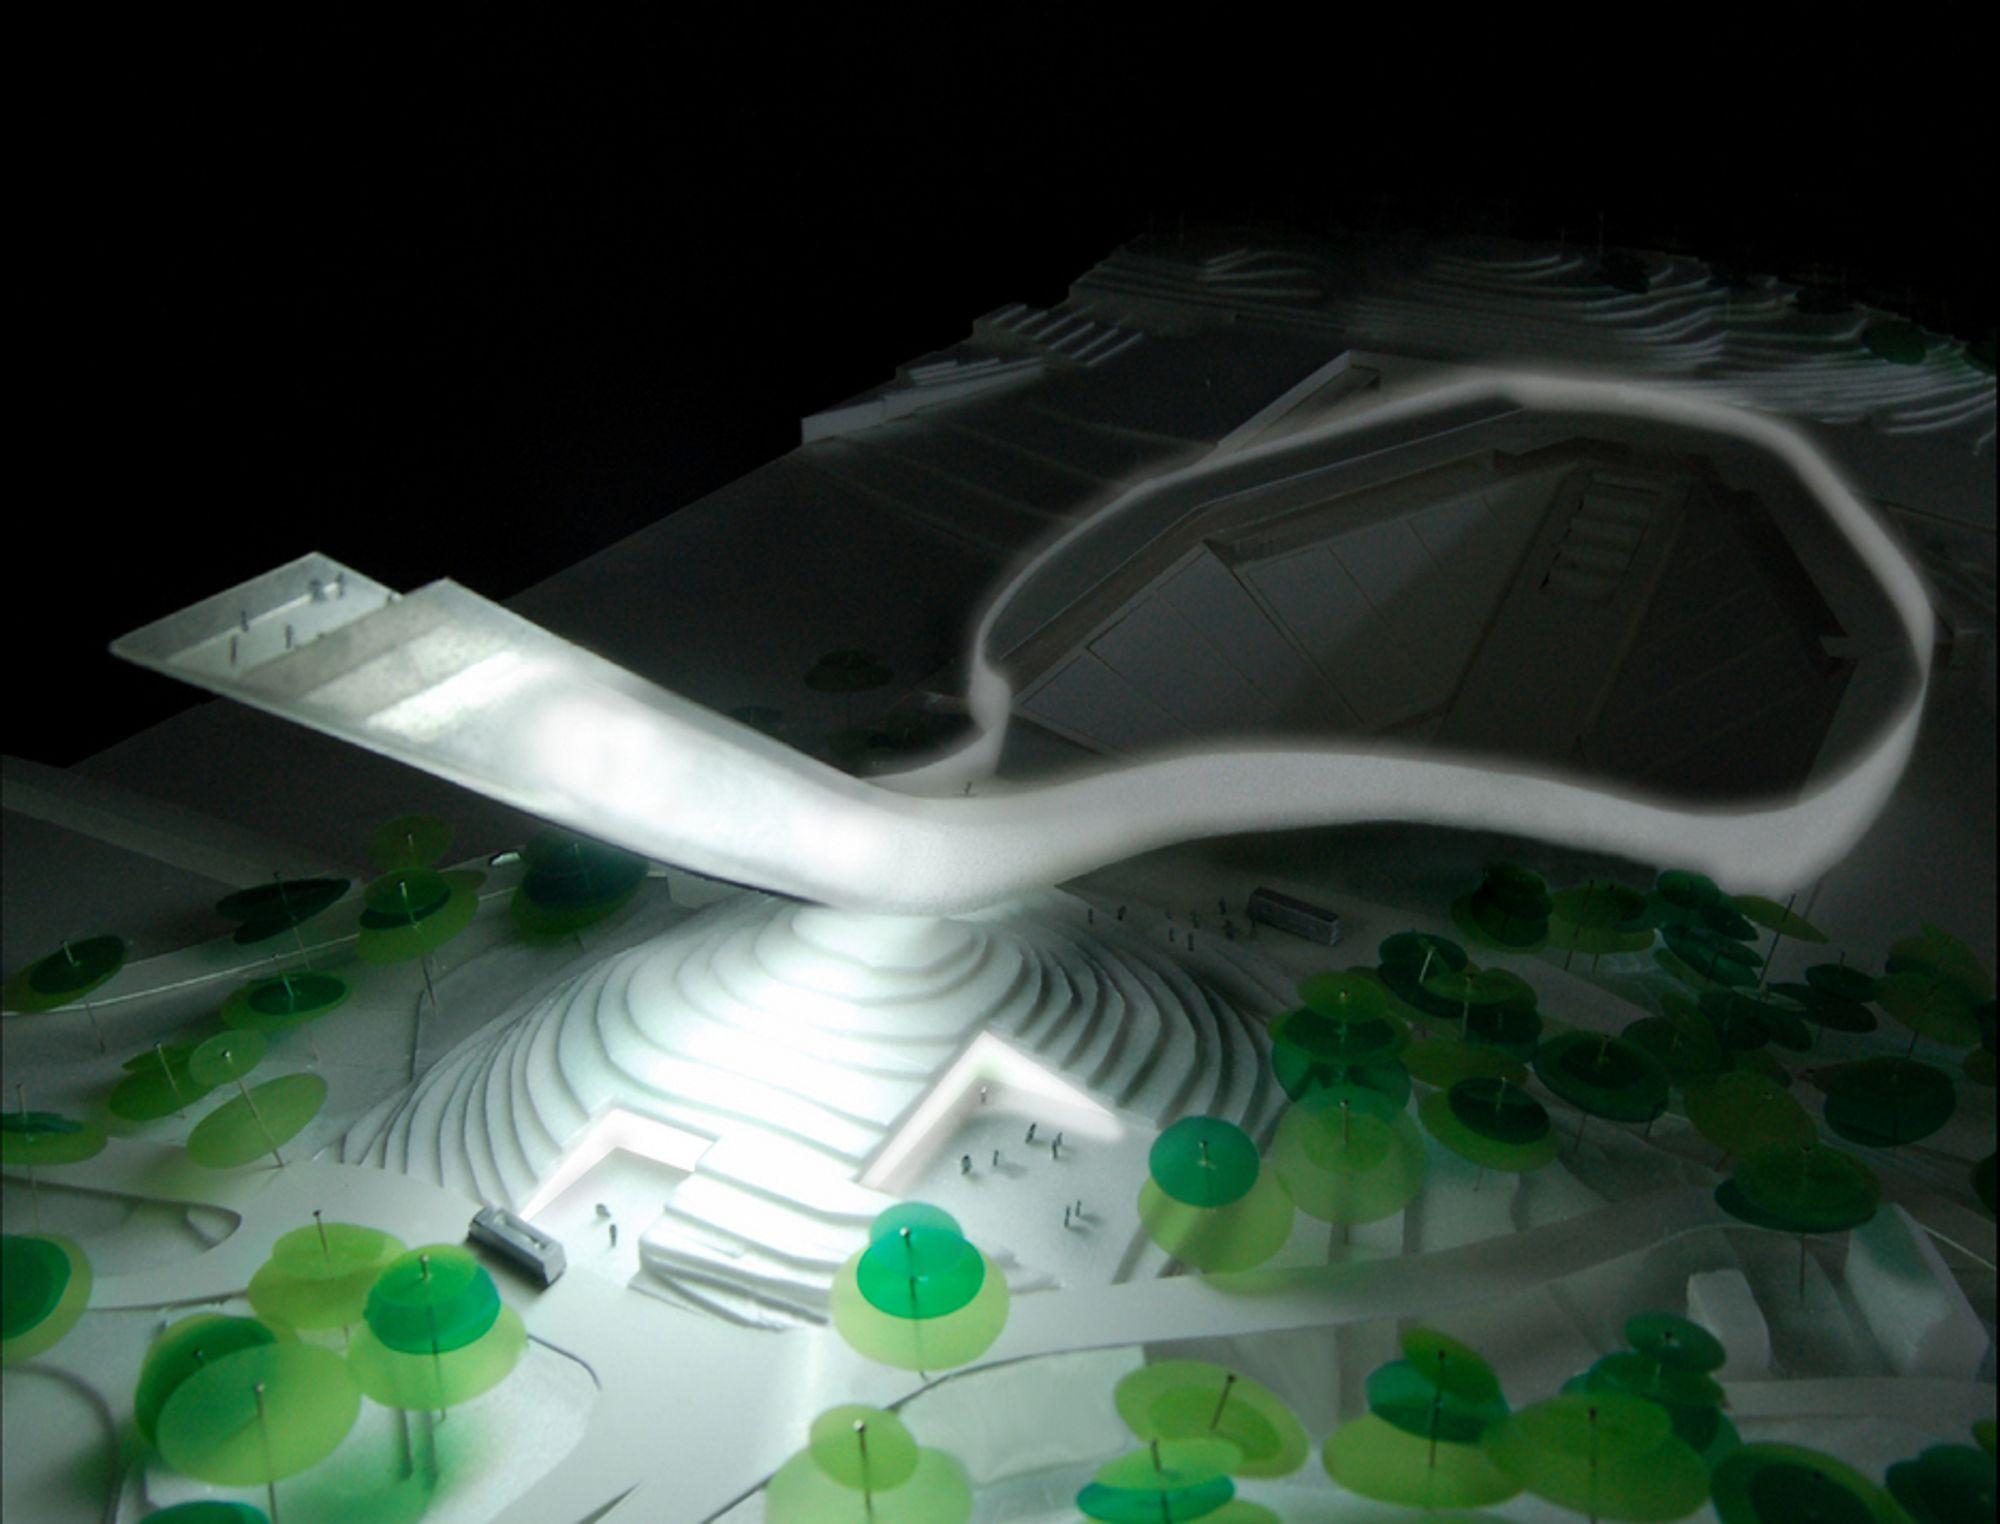 VINNER: Danske Julien de Smedt Architects står bak forslaget som vant arkitektkonkurransen for Nye Holmenkollen, men nå ser det ut til at den aldri vil bli bygd.